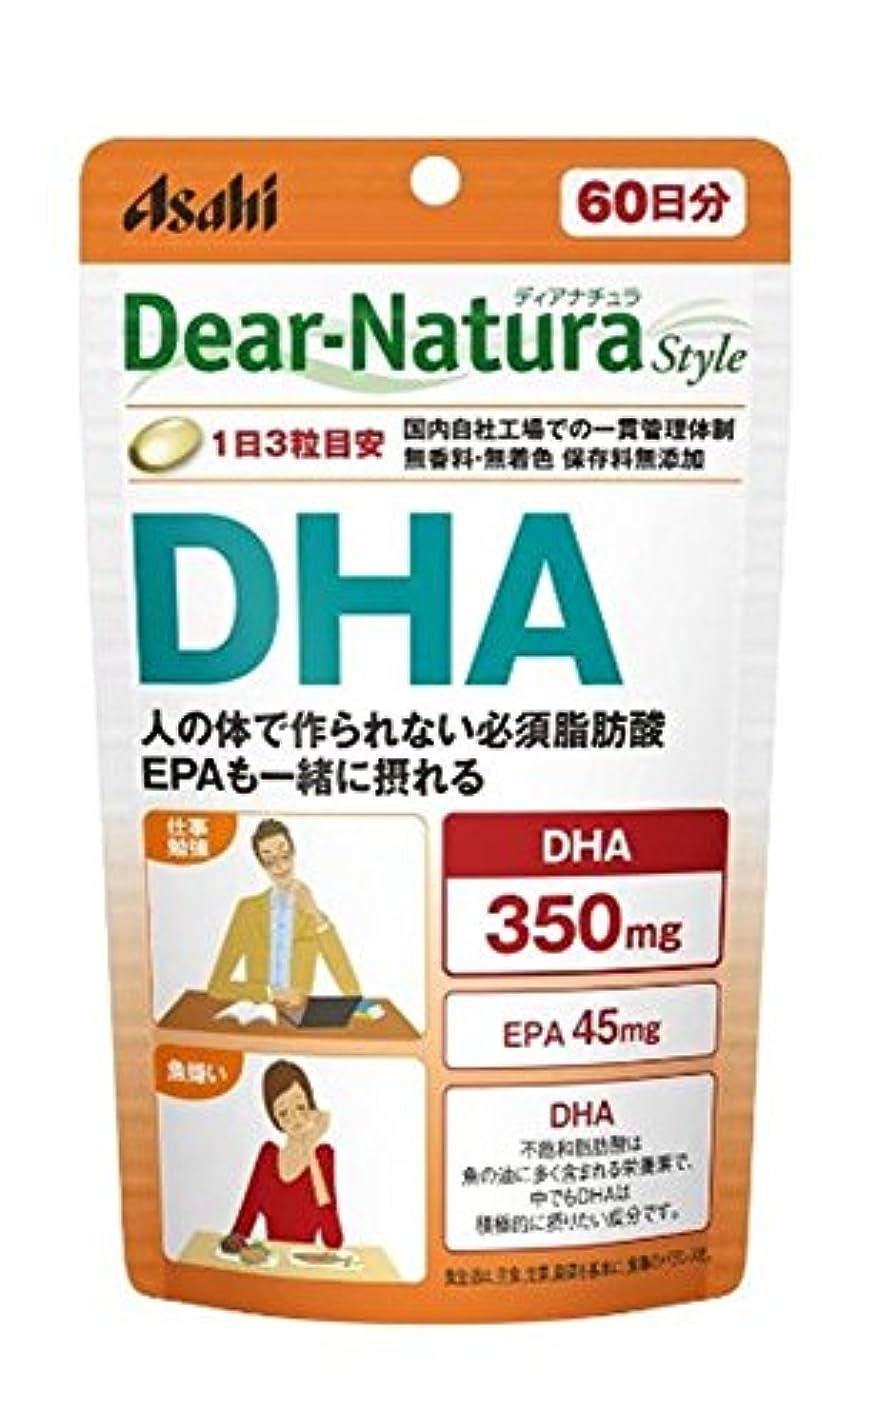 シンプルなヘッドレス書き出すアサヒグループ食品 ディアナチュラスタイルDHA 180粒(60日分)